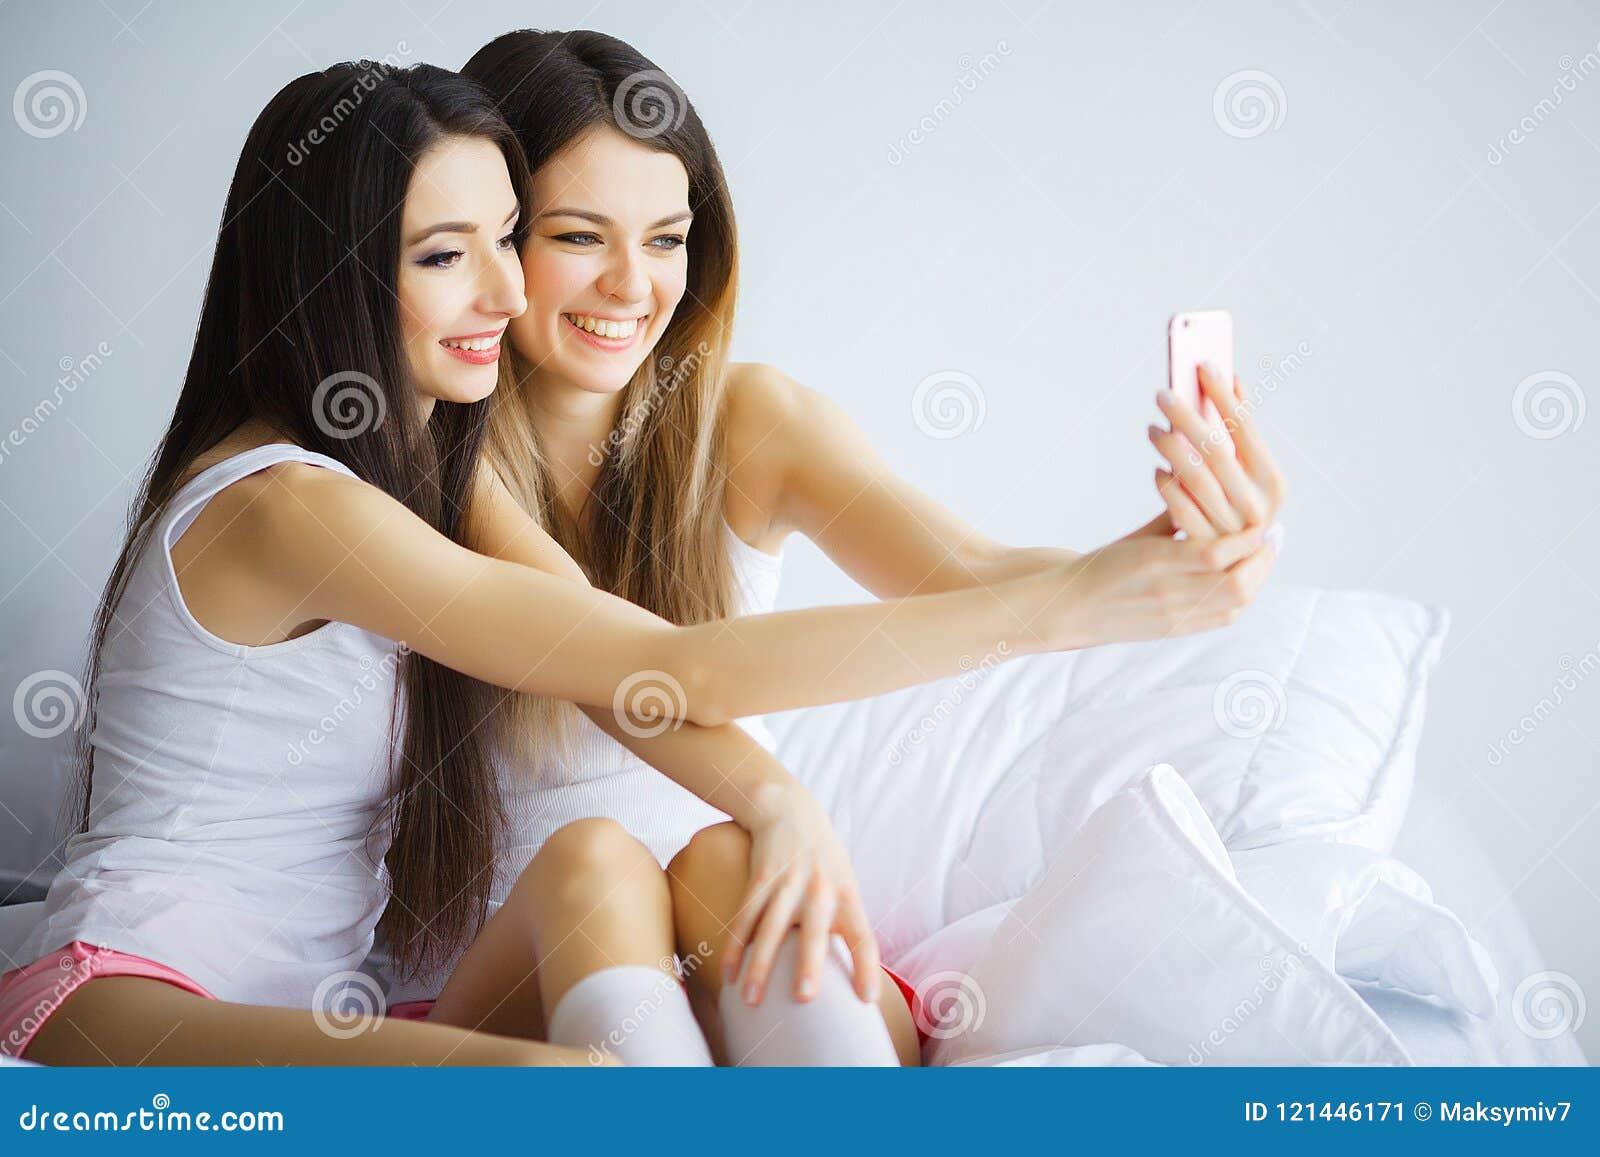 Due ragazze calde che si trovano su un letto che prende una foto se stessi